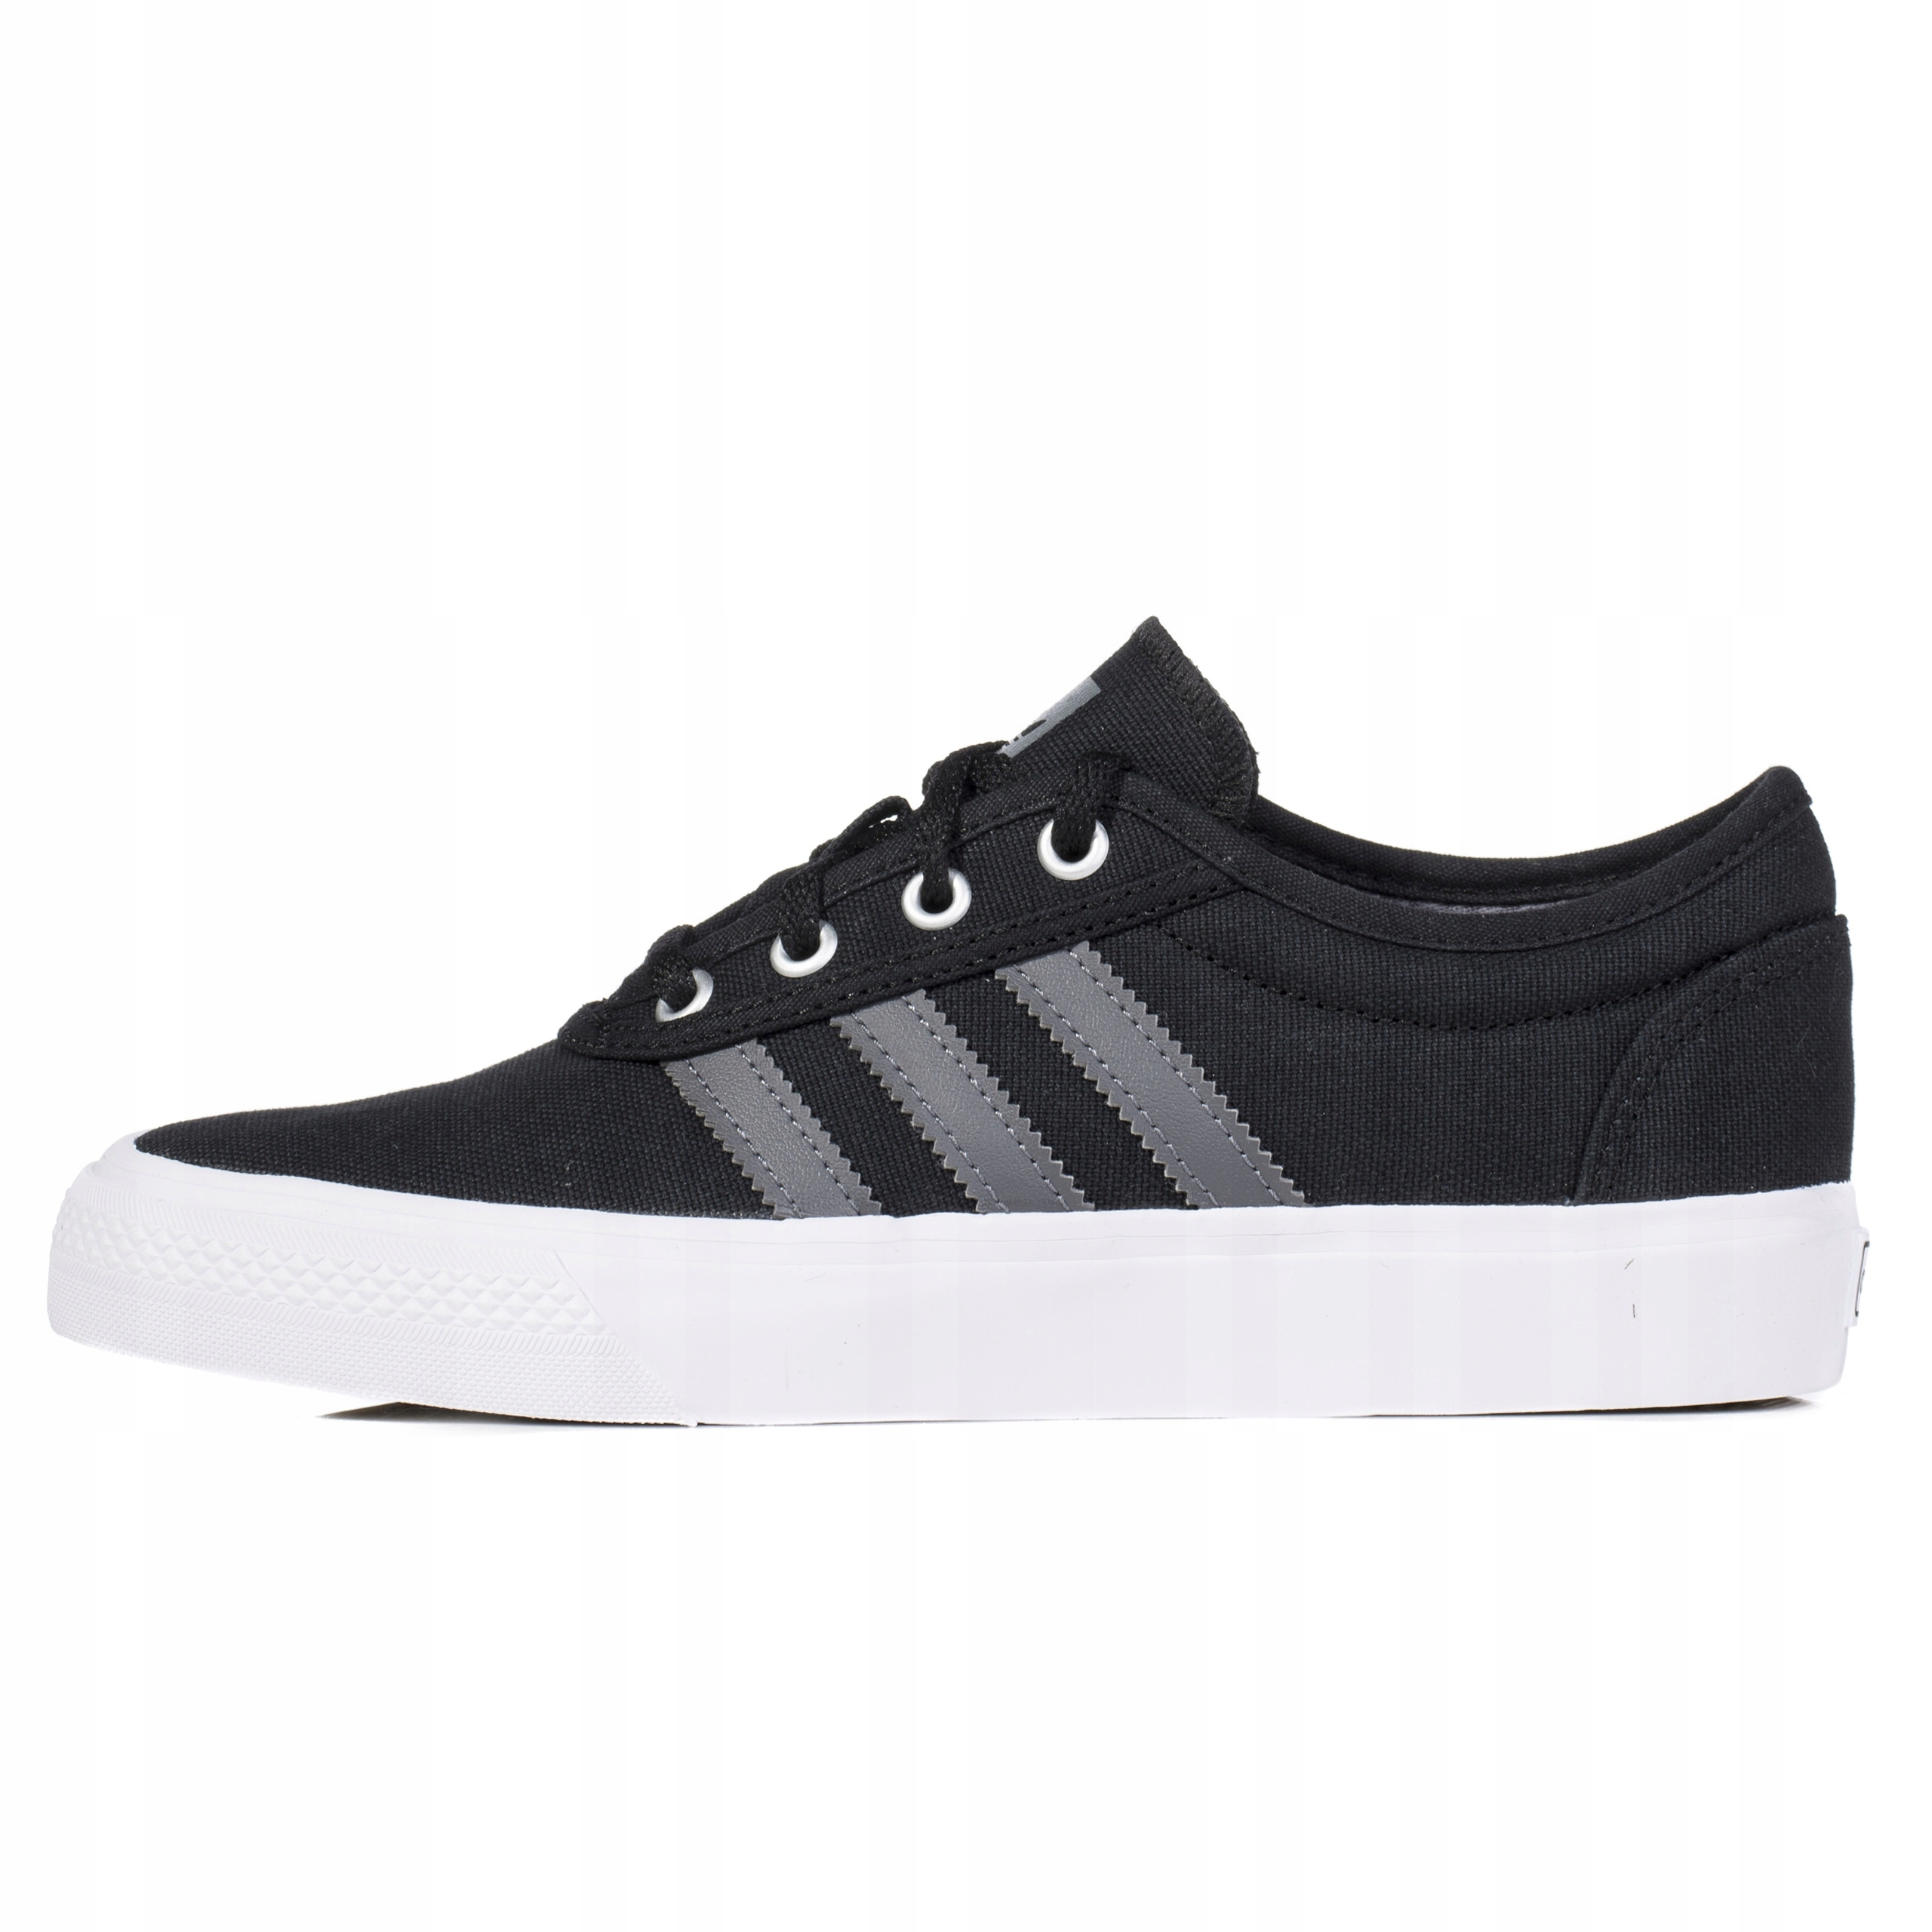 fabrycznie autentyczne online tutaj ogromny wybór Buty damskie Adidas Adi-Ease J B27802 - 7499950747 ...